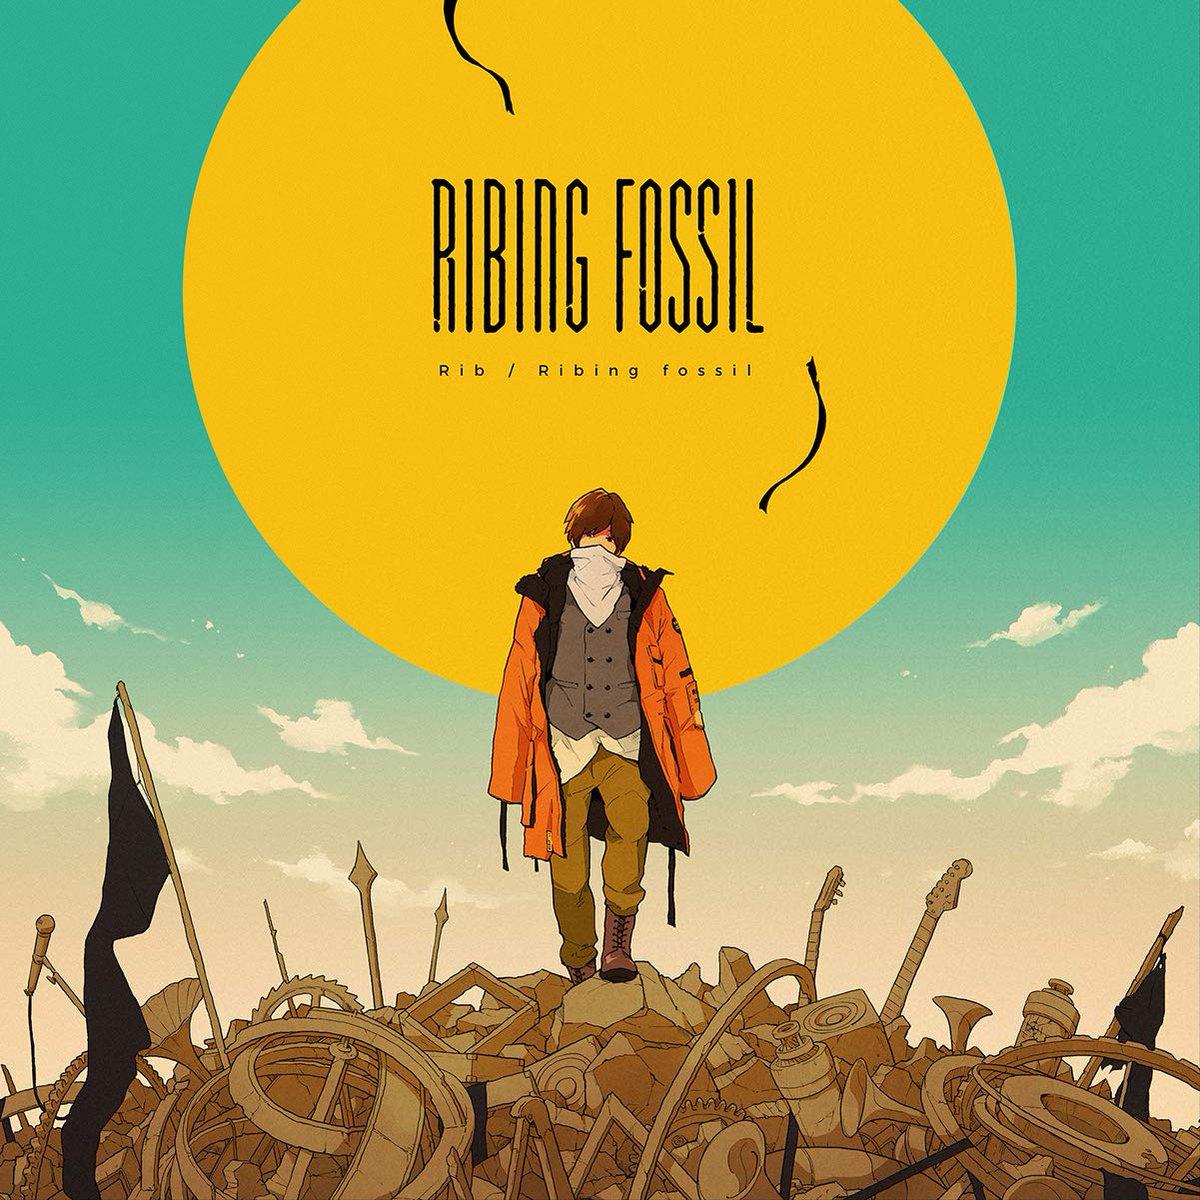 『りぶ - fossil』収録の『Ribing fossil』ジャケット